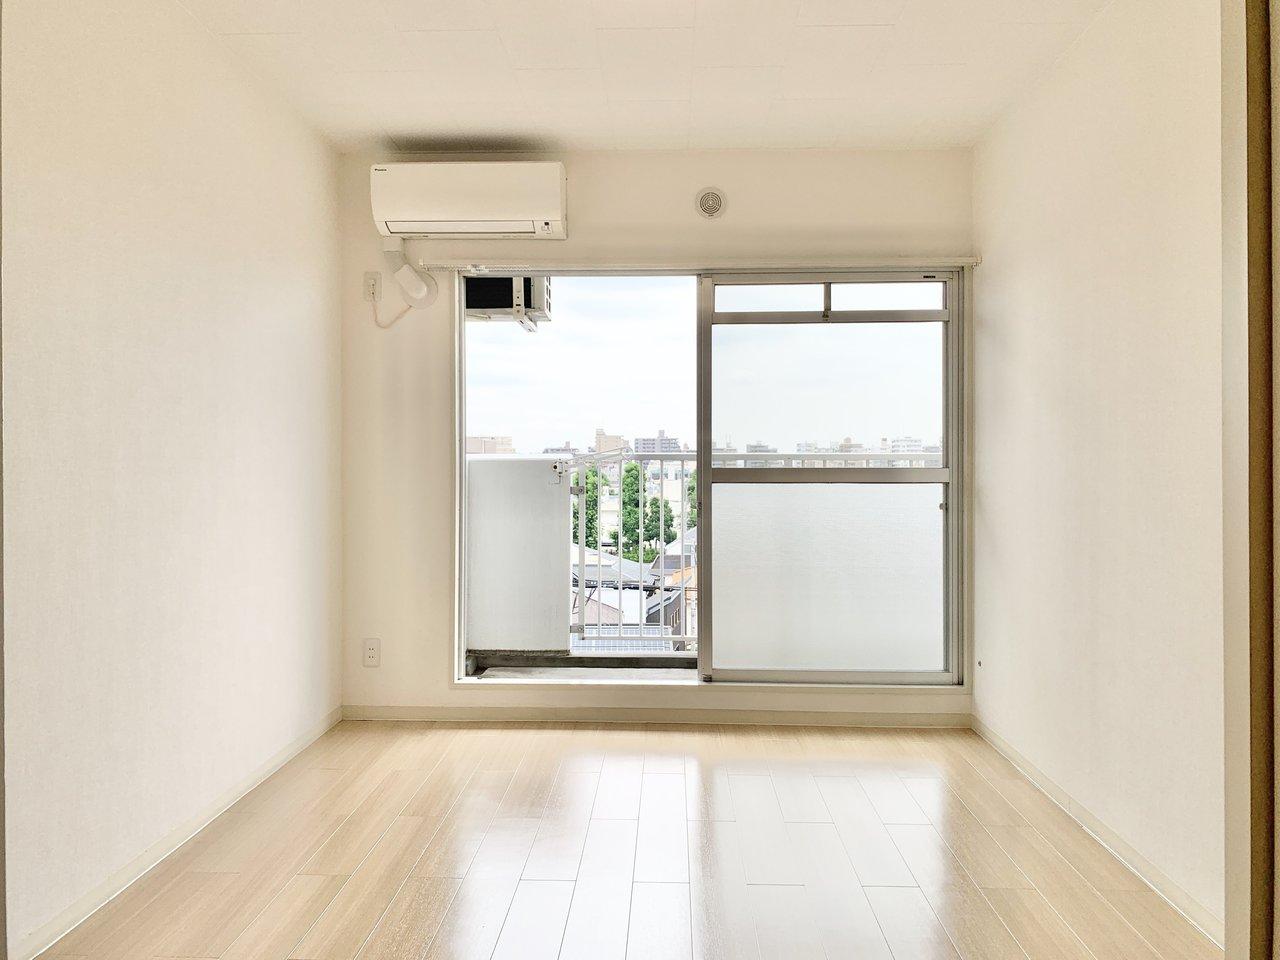 ベランダに面した部屋はどちらも窓が大きく、風がよく通ります。一方をリビングに。もう一方は子ども部屋かな。二人暮らしの方が在宅ワーク用の部屋に使ってもいいですね!